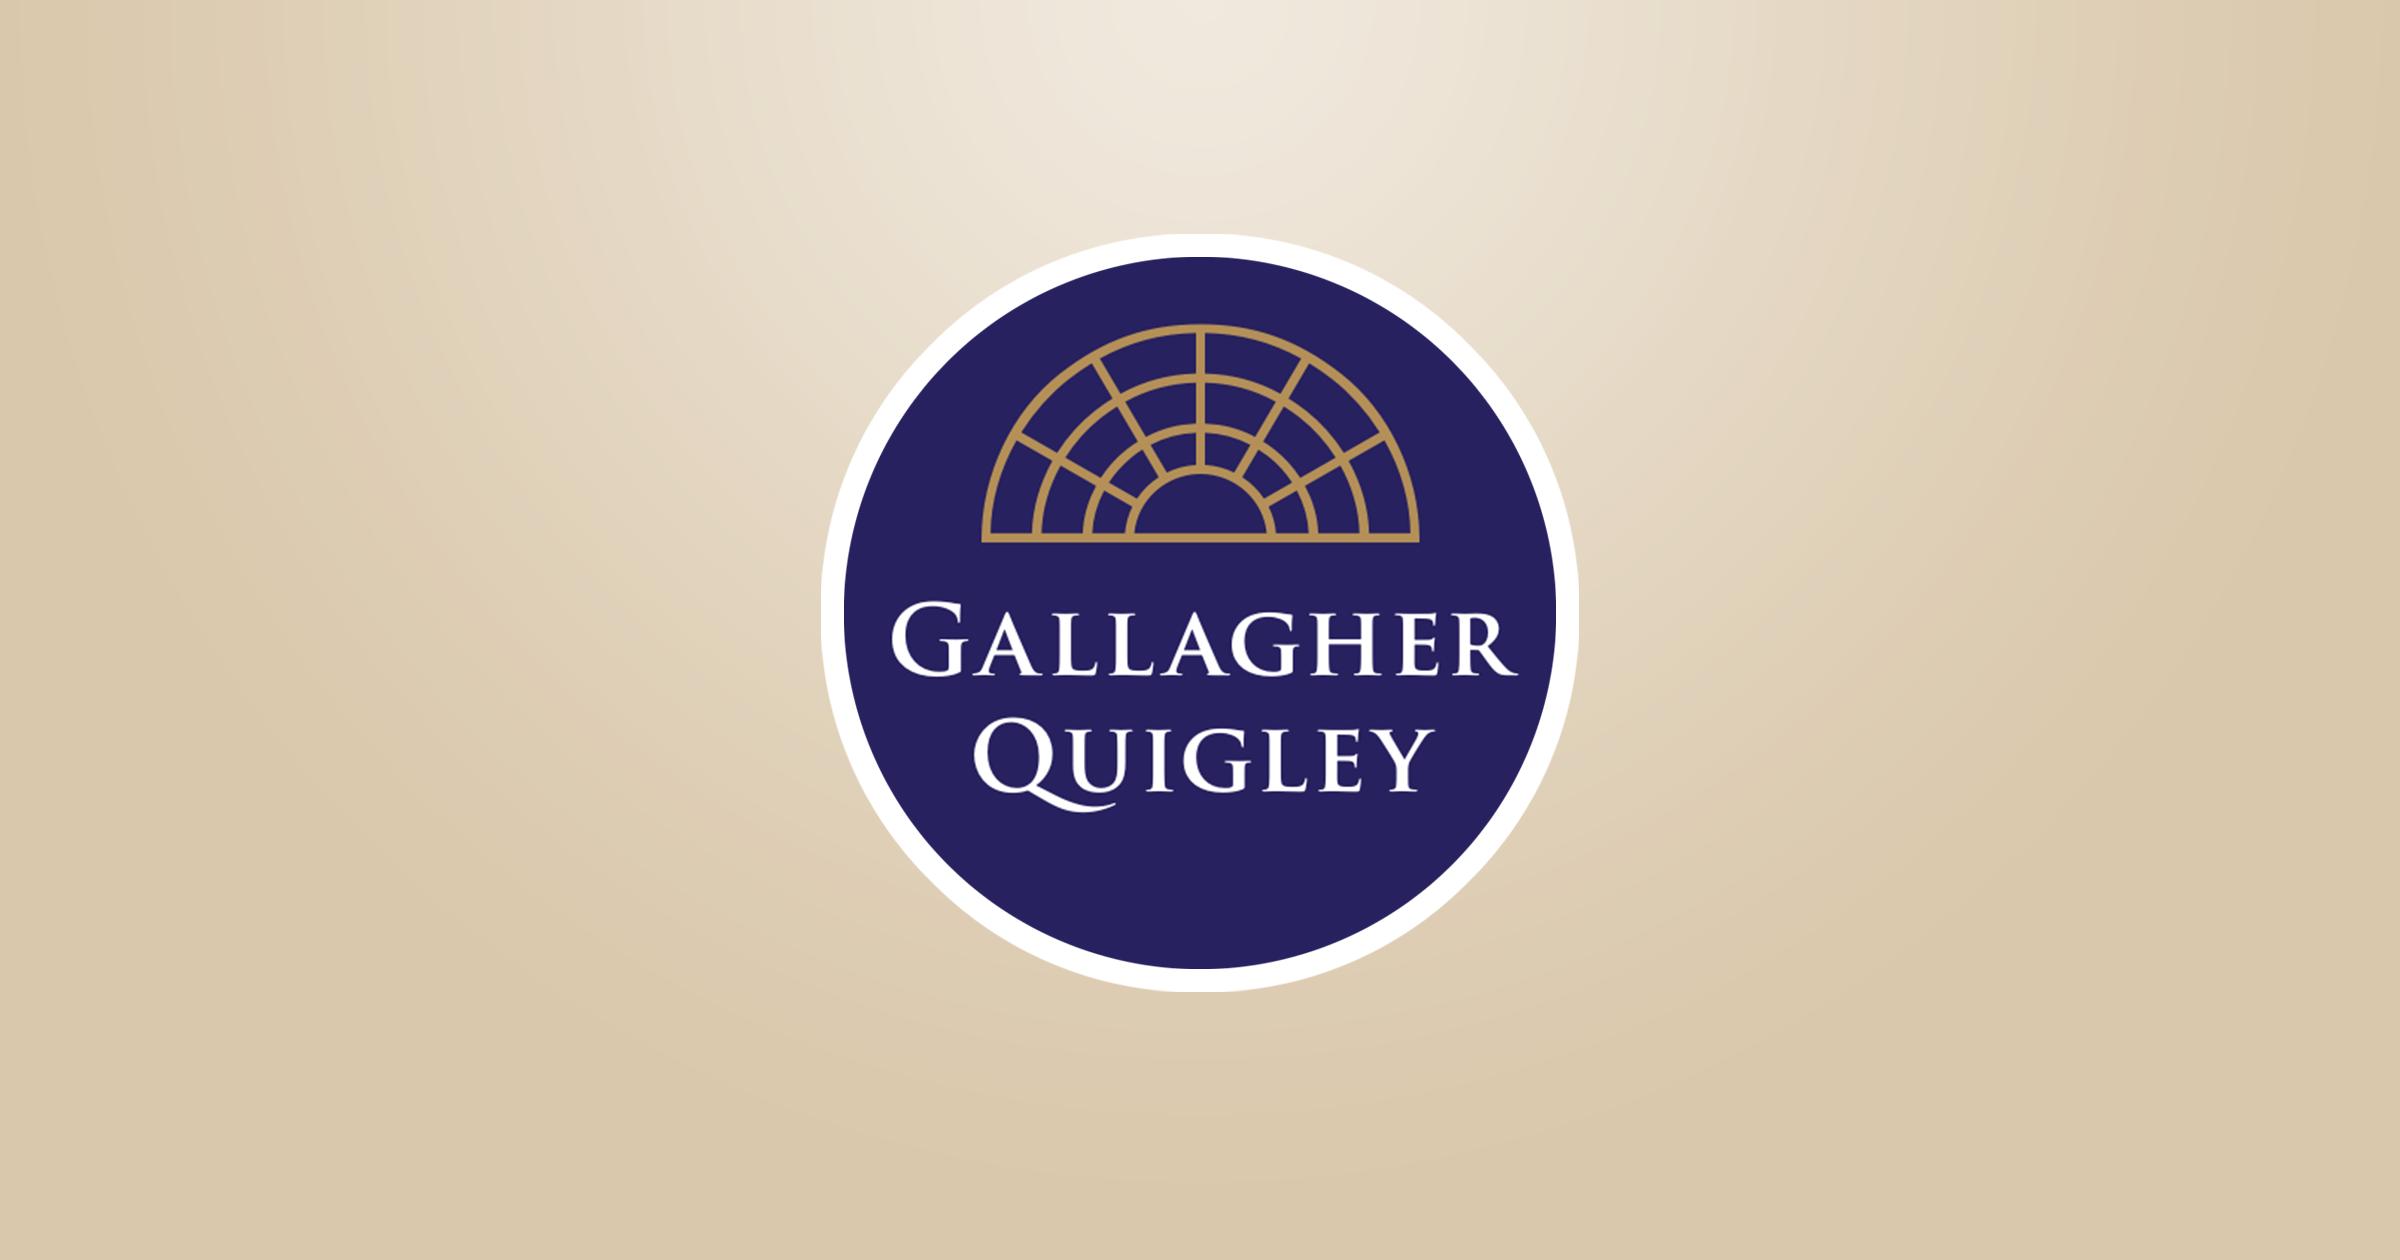 Gallagher Quigley social profile logo